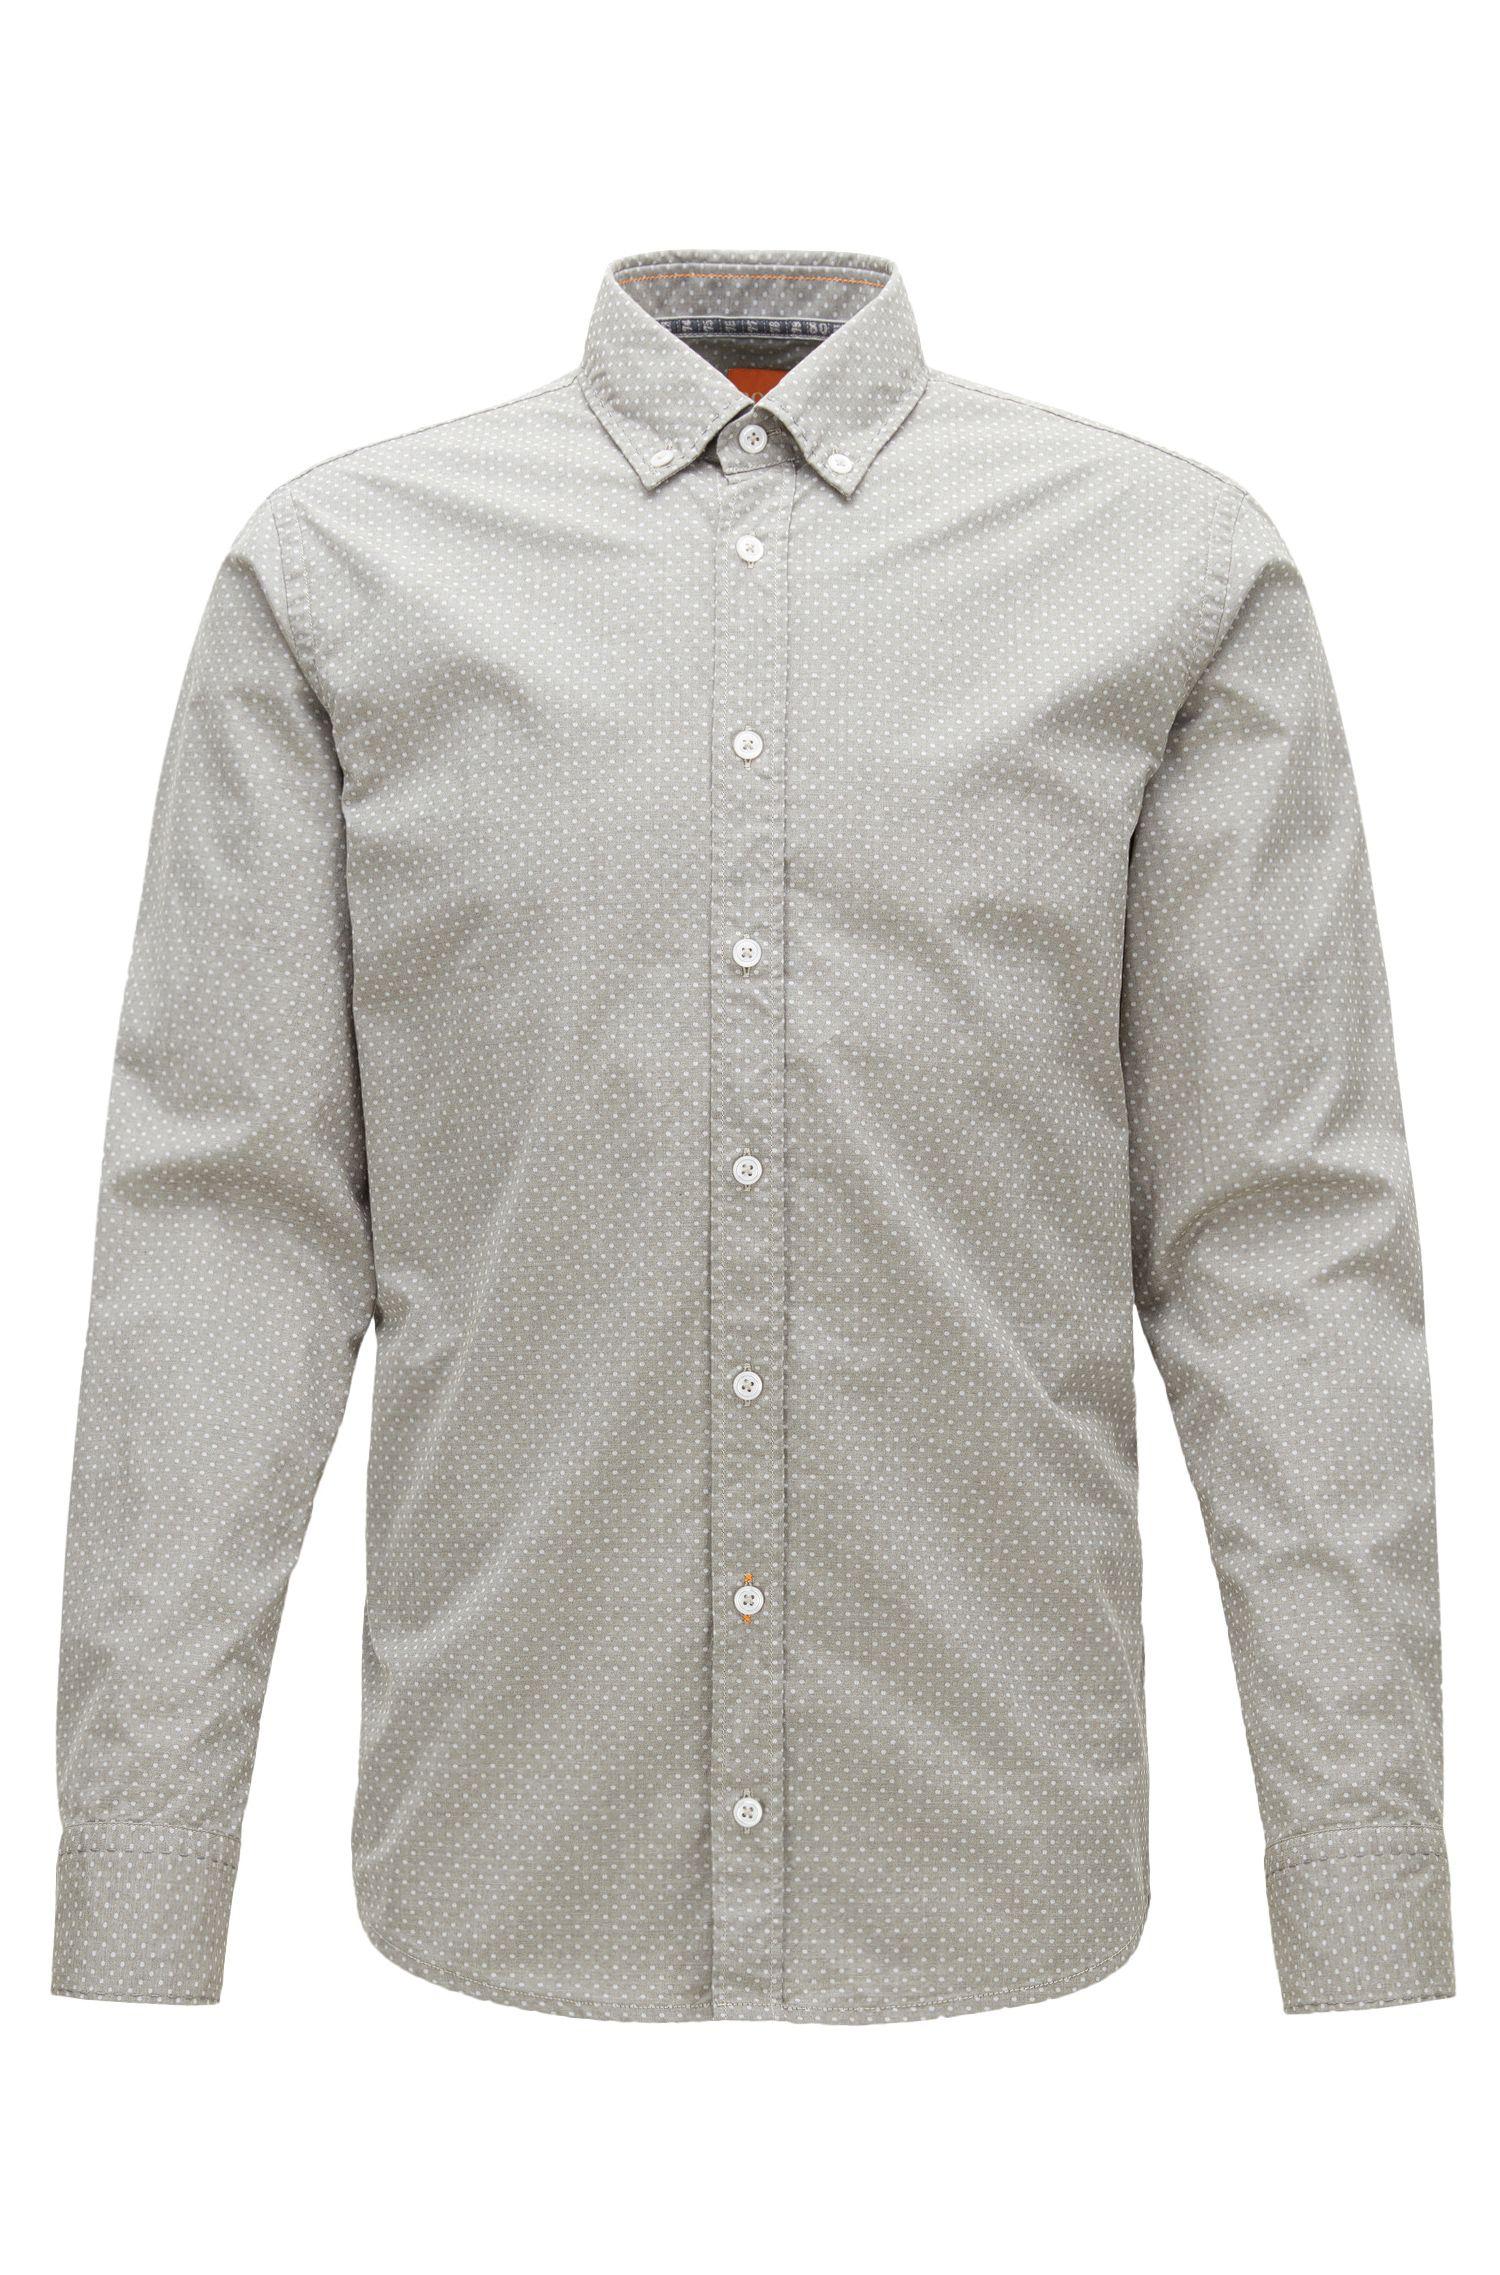 Polka Dot Cotton Button Down Shirt, Slim Fit | Epreppy